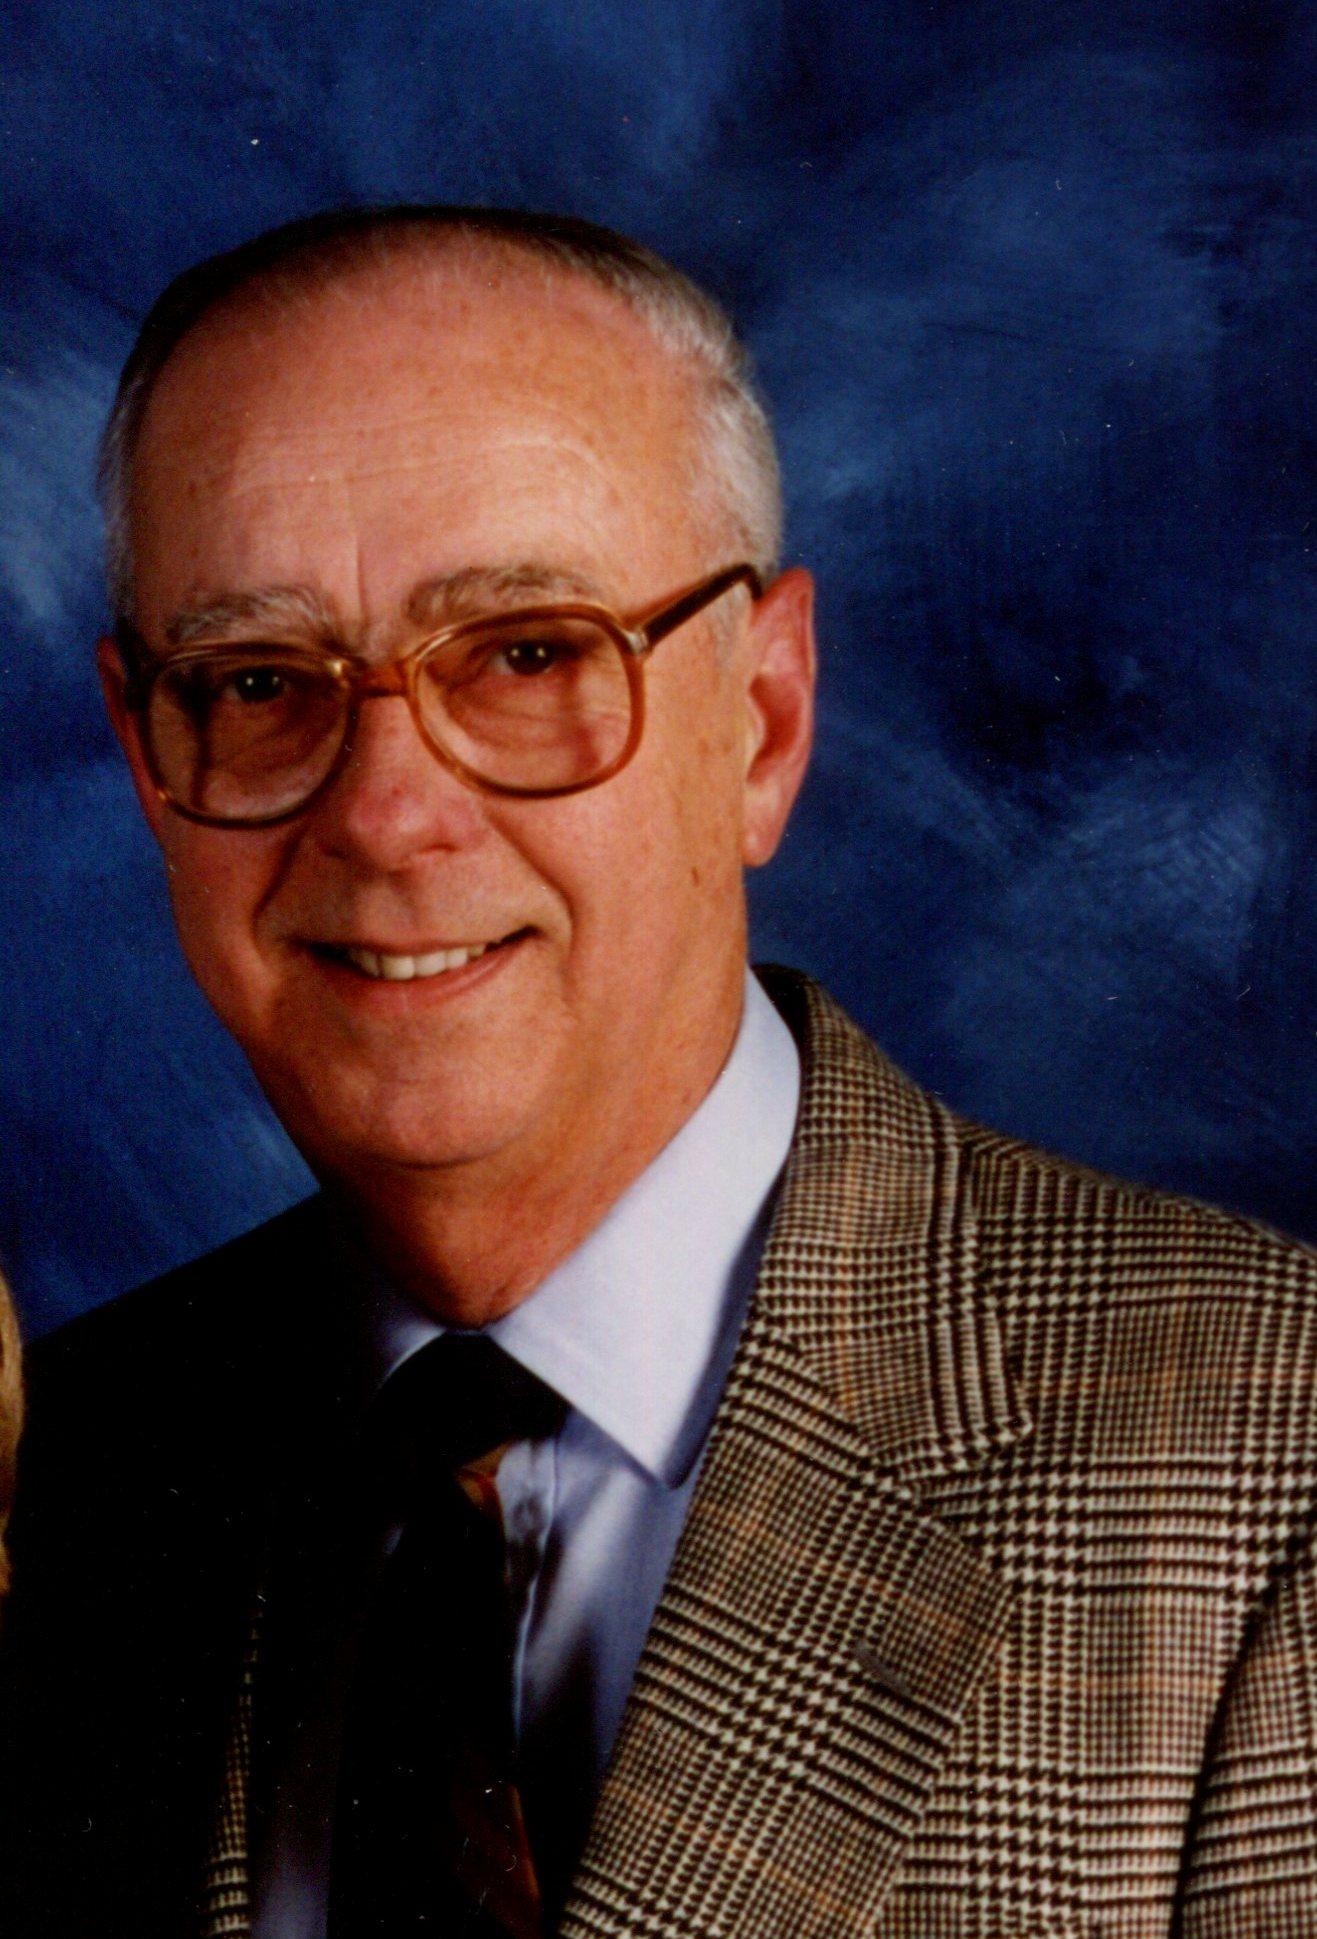 Jaime Herrera Beutler